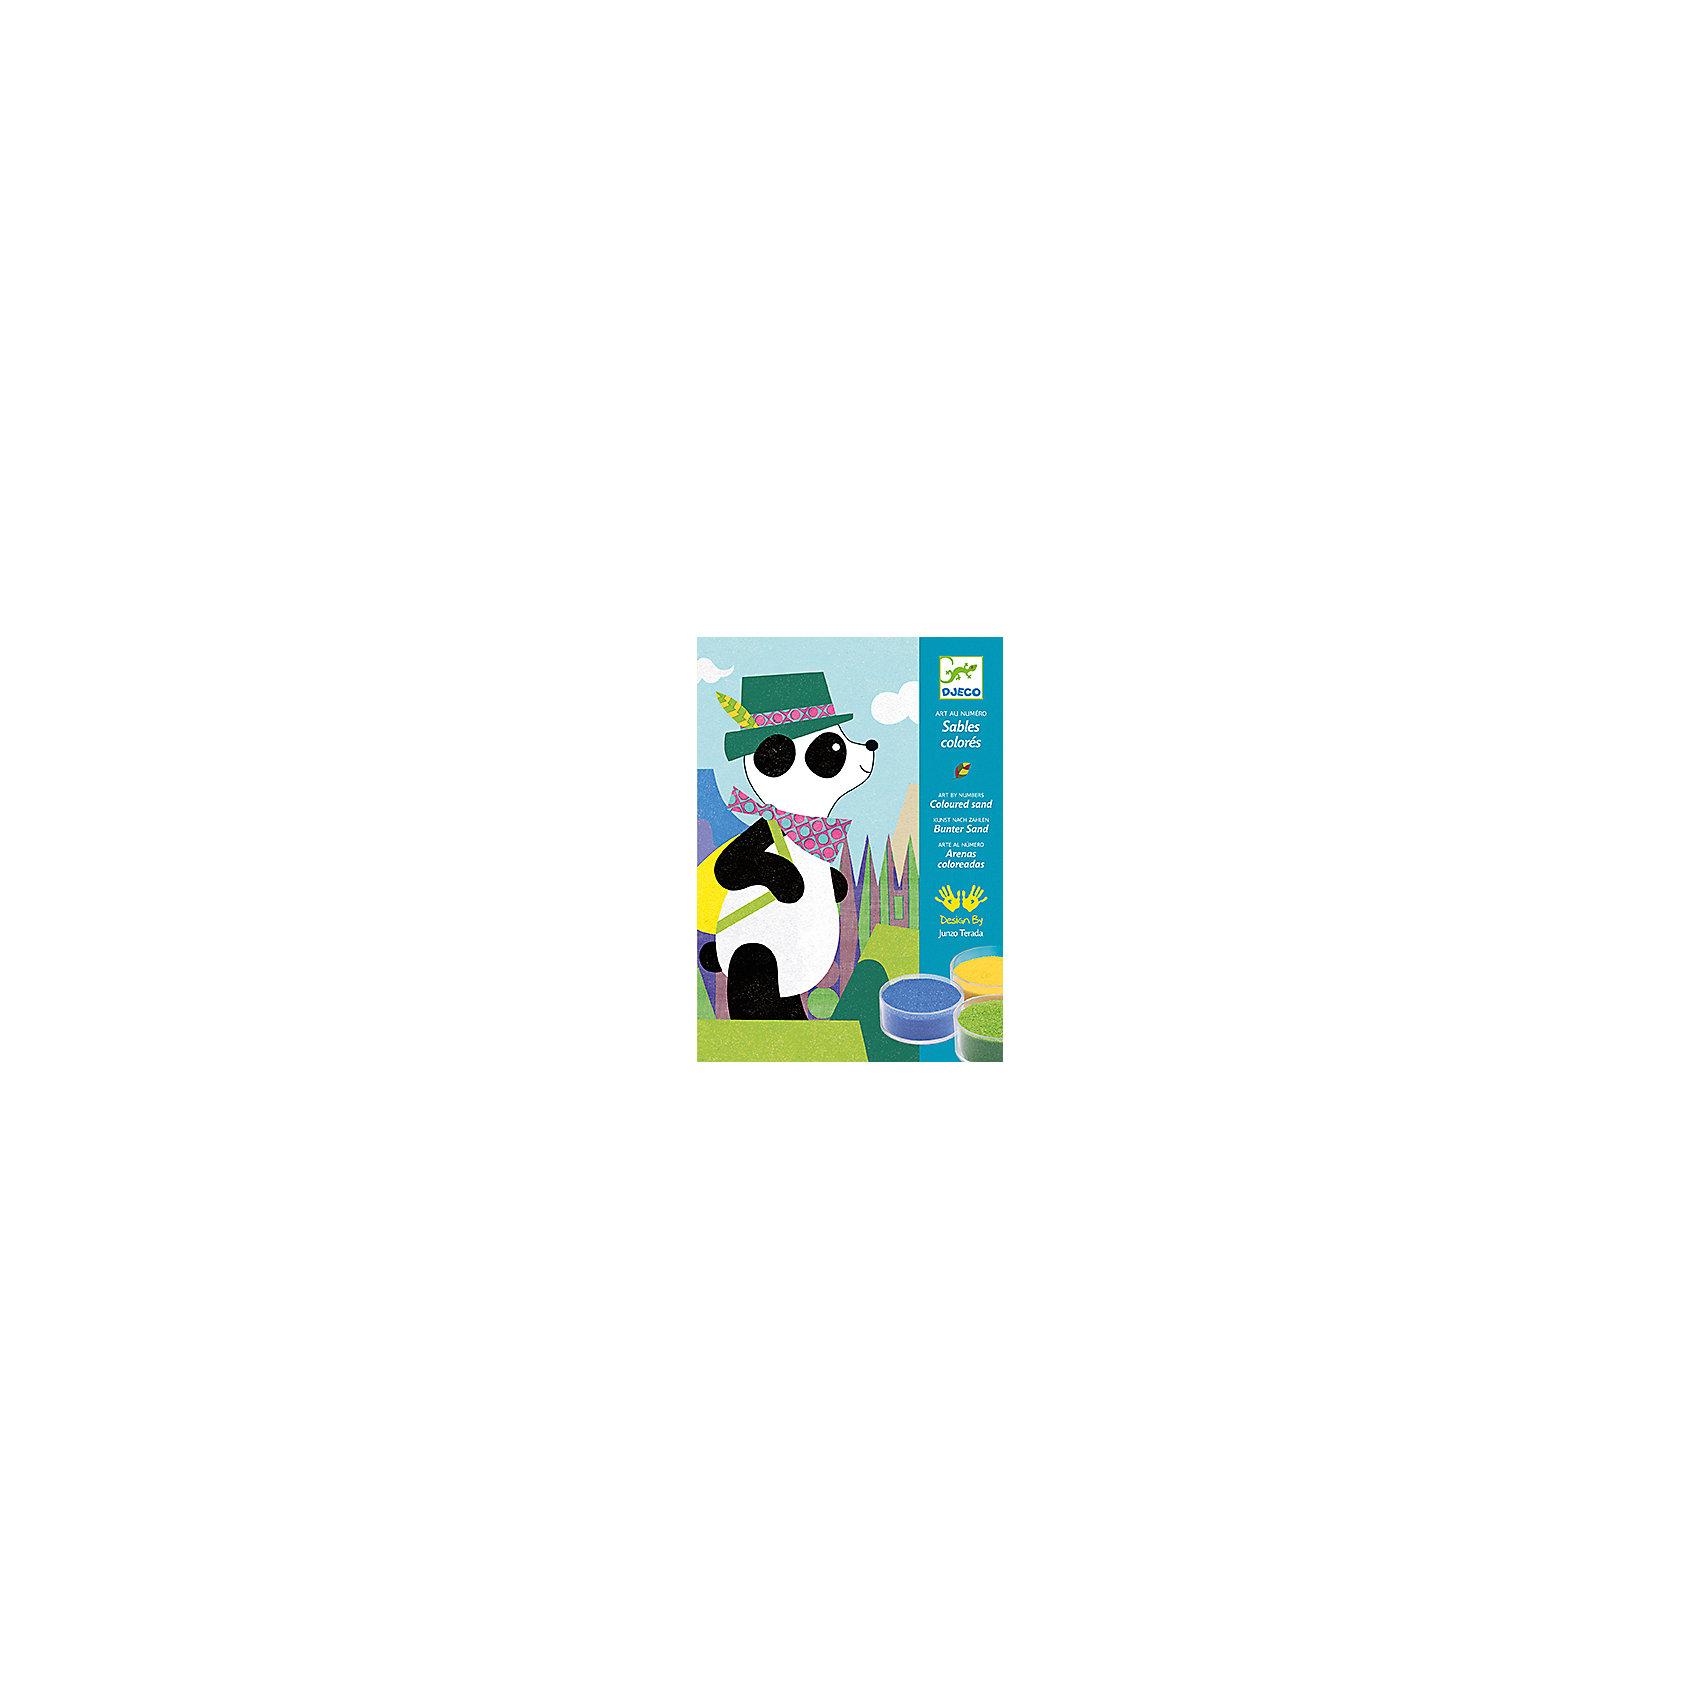 Песочные картинки Панда и ее друзьяПесочные картинки<br>Песочные картинки Панда и ее друзья - это набор для создания 4 красивых картинок из песка по номерам с изображением Панды и его друзей.<br>Набор предназначен песочные картинки Панда и ее друзья - это уникальная раскраска для создания картинок, изображающих панду, олененка, поросенка, котенка с помощью разноцветного песка. На картинке-основе нанесен контур рисунка, фрагменты рисунка крупные. Каждая деталь отмечена цифрой соответственно номеру цветного песка. Коробка, в которой продается набор - рабочая поверхность. Раскрашивать картинку лучше в ней, рабочее место останется чистым и лишний песок можно высыпать через специальное отверстие в коробке назад в баночку. Снимите защитную пленку с одной из деталей рисунка (если это сделать сложно воспользуйтесь шпателем), посыпьте тем цветом песка, номер которого обозначен на этом сегменте рисунка, лишний песок аккуратно снимите кисточкой. Не снимайте защитную пленку сразу с нескольких сегментов - песок перемешается и рисунок потеряет аккуратную форму! Раскрашивать рисунок лучше начинать с верхнего края картинки и постепенно опускаться вниз. Вашему ребенку обязательно понравится делать картины из песка. Готовая картина станет прекрасным подарком, сделанным своими руками, или же дополнит интерьер детской комнаты. Рисование песком - это игровое и художественное занятие, способствующее развитию чувства гармонии, ловкости рук и креативности.<br><br>Дополнительная информация:<br><br>- В наборе: 4 листа с клейкой основой для создания картинок (15x21см.), 12 баночек с цветным песком, шпатель, пошаговая инструкция<br>- Размер упаковки: 23 х 17 х 4 см.<br>- Вес: 530 гр.<br><br>Песочные картинки Панда и ее друзья можно купить в нашем интернет-магазине.<br><br>Ширина мм: 230<br>Глубина мм: 170<br>Высота мм: 40<br>Вес г: 530<br>Возраст от месяцев: 48<br>Возраст до месяцев: 96<br>Пол: Унисекс<br>Возраст: Детский<br>SKU: 4305751